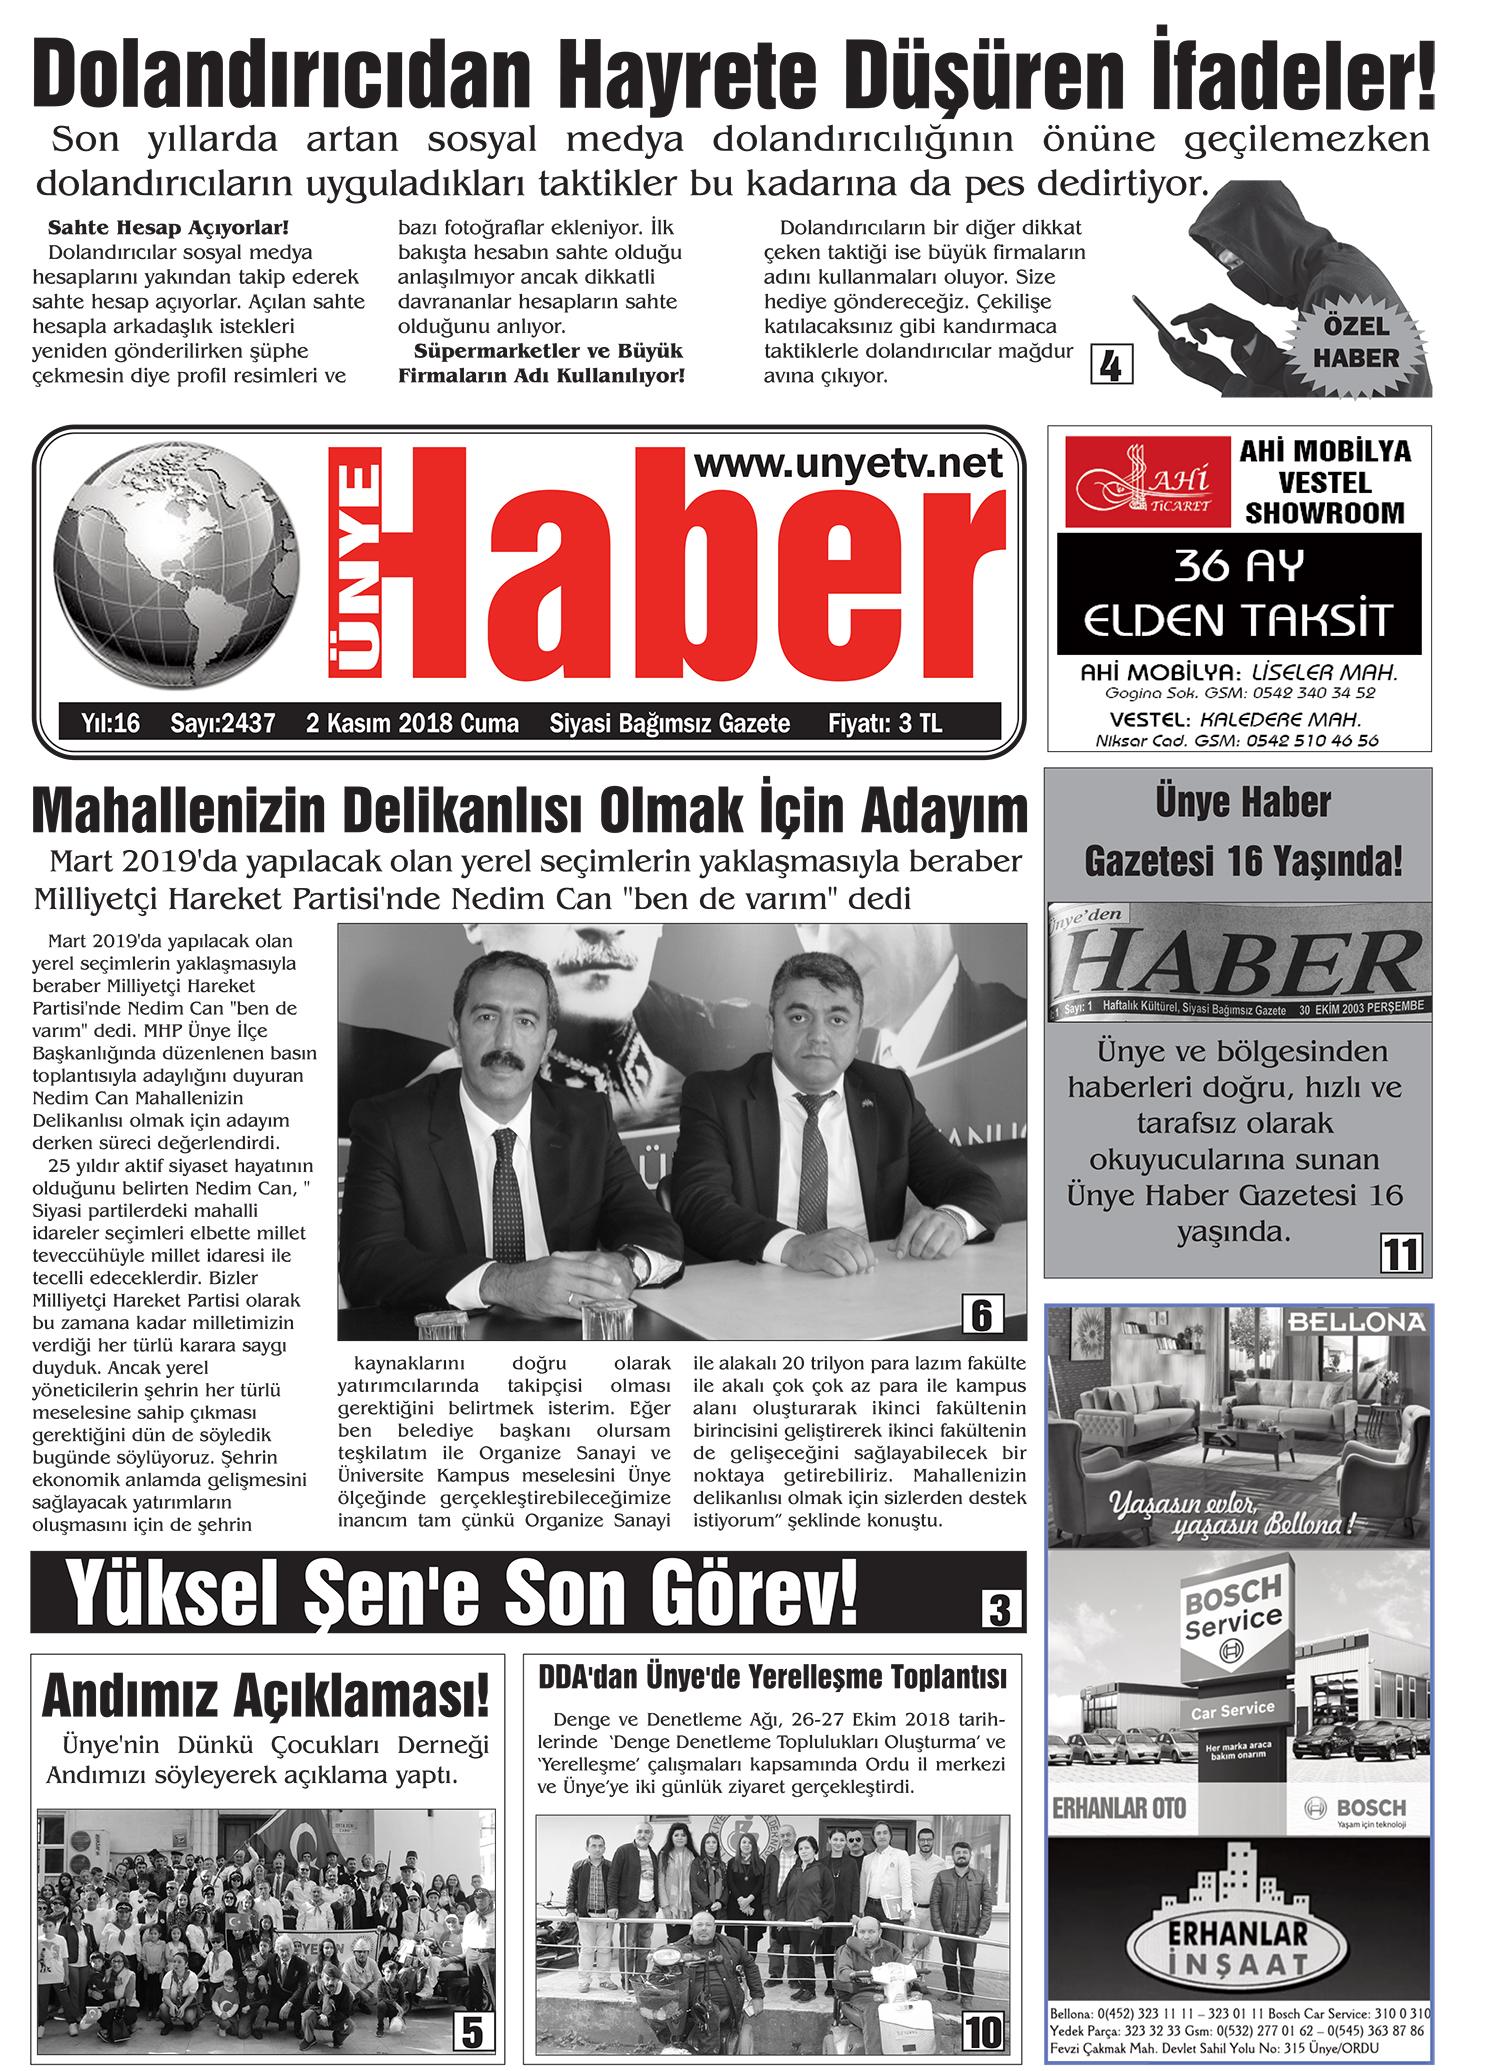 2 Kasım 2018 Ünye Haber Gazetesi 1. Sayfası